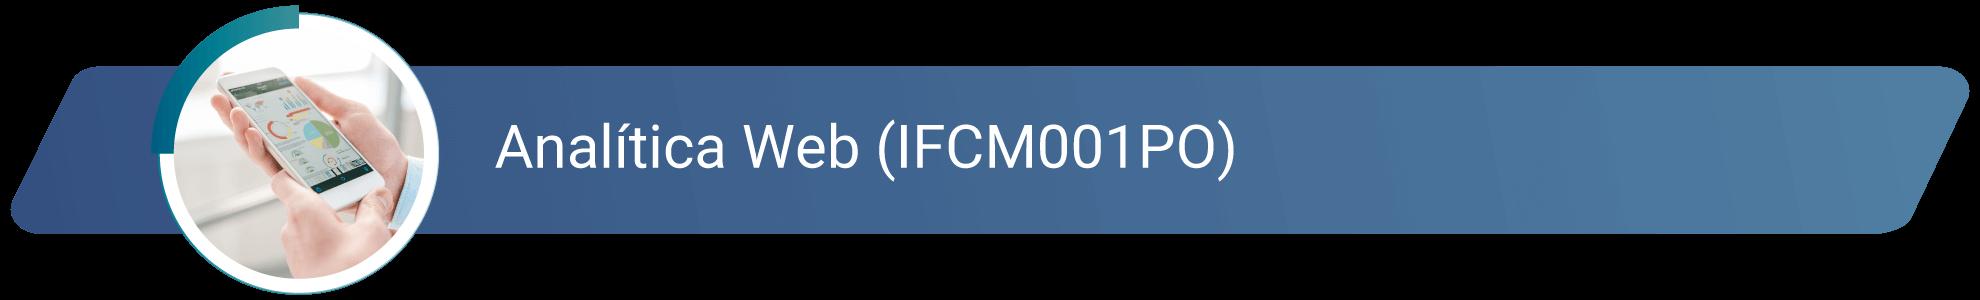 IFCM001PO - Analítica Web